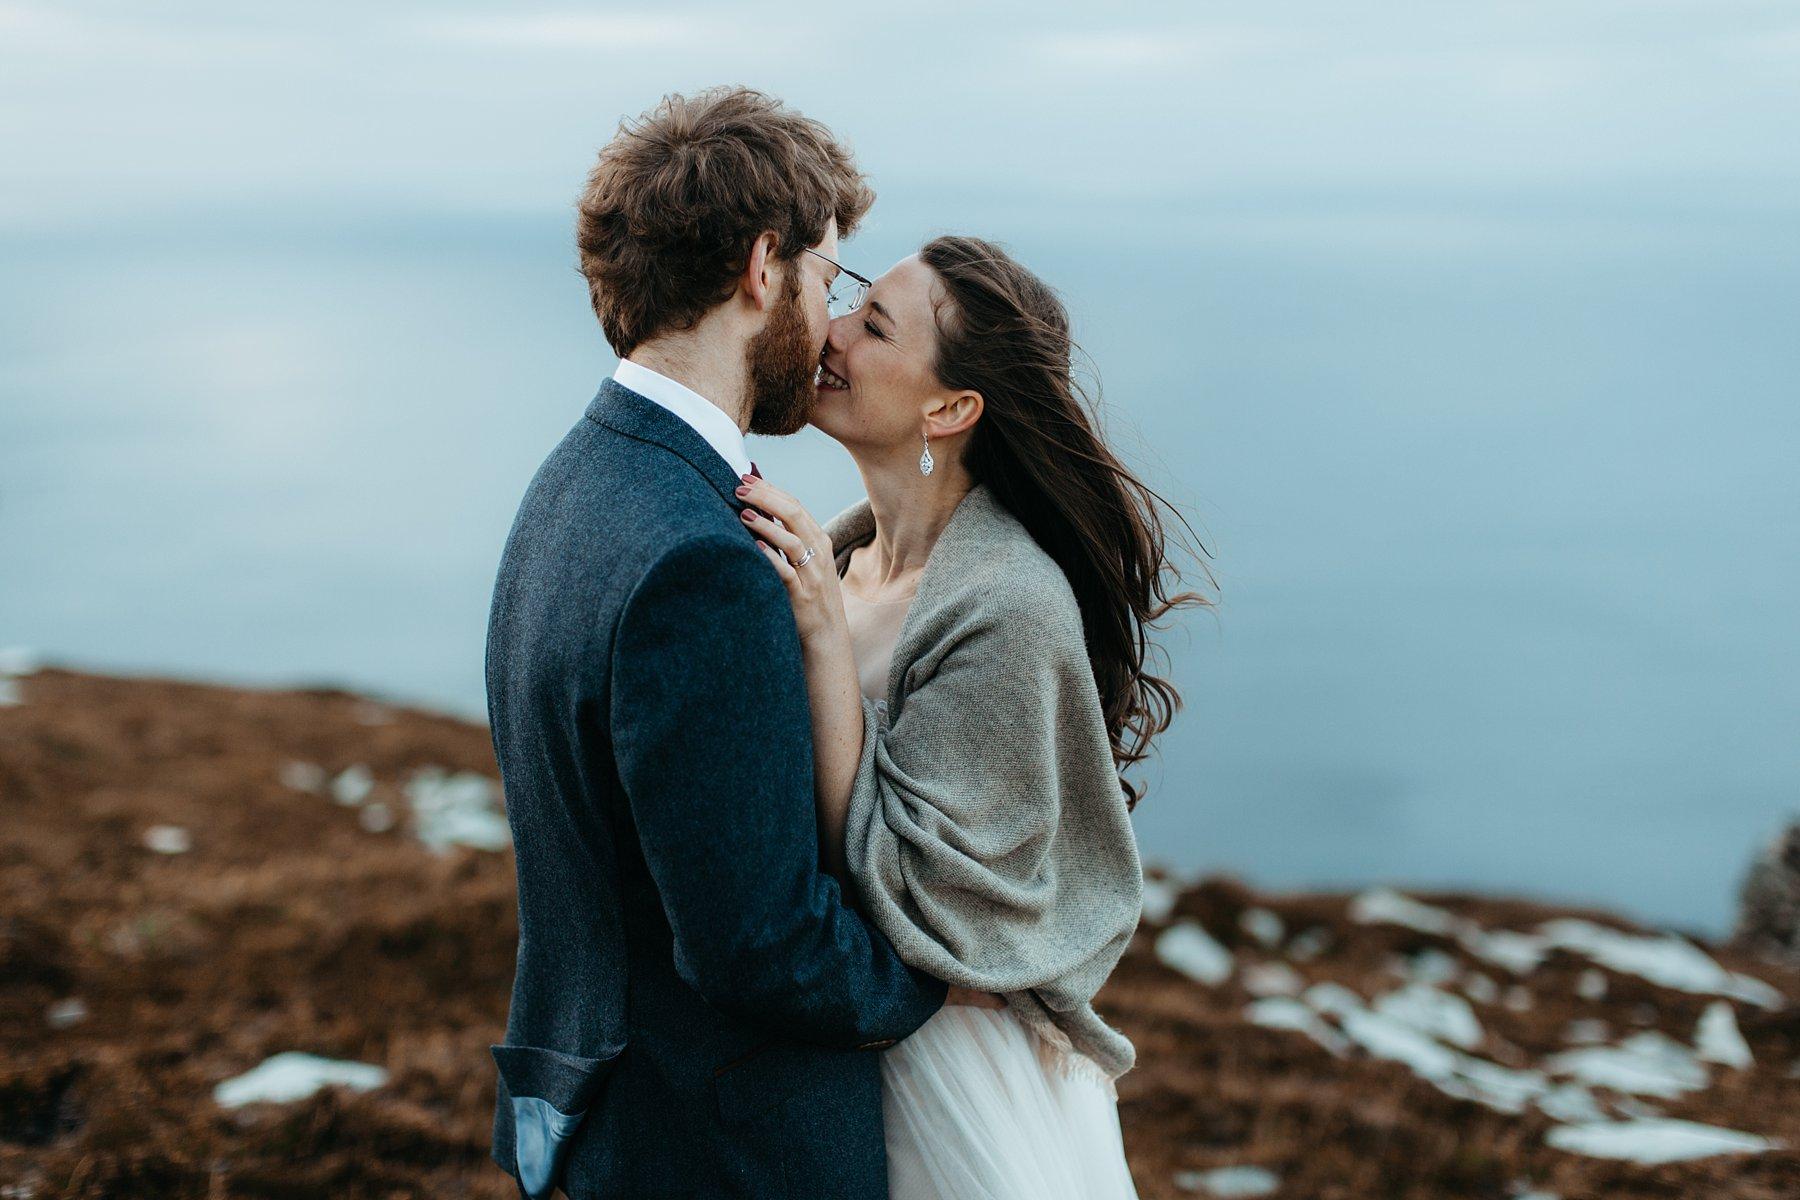 hornhead_donegak_elopement_weddings_0091